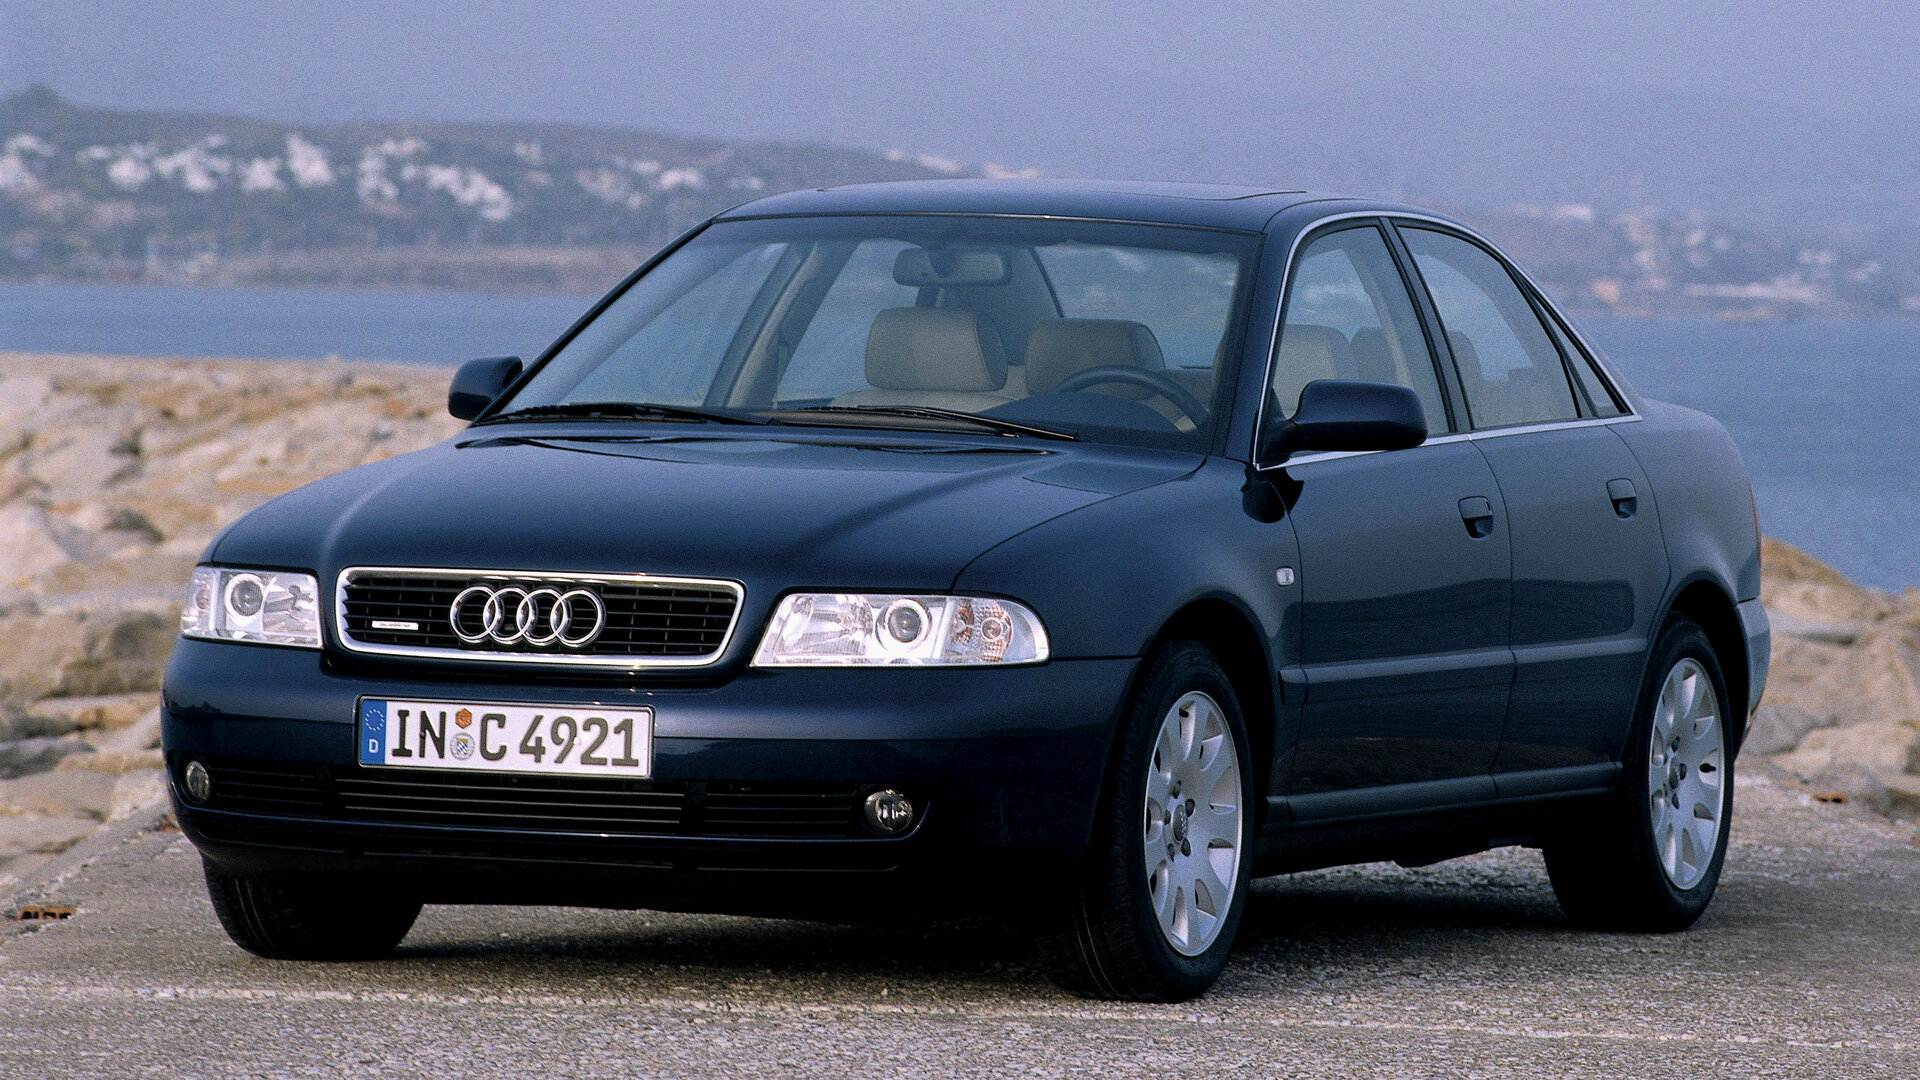 Coche del día: Audi A4 2.8 V6 30v (B5)